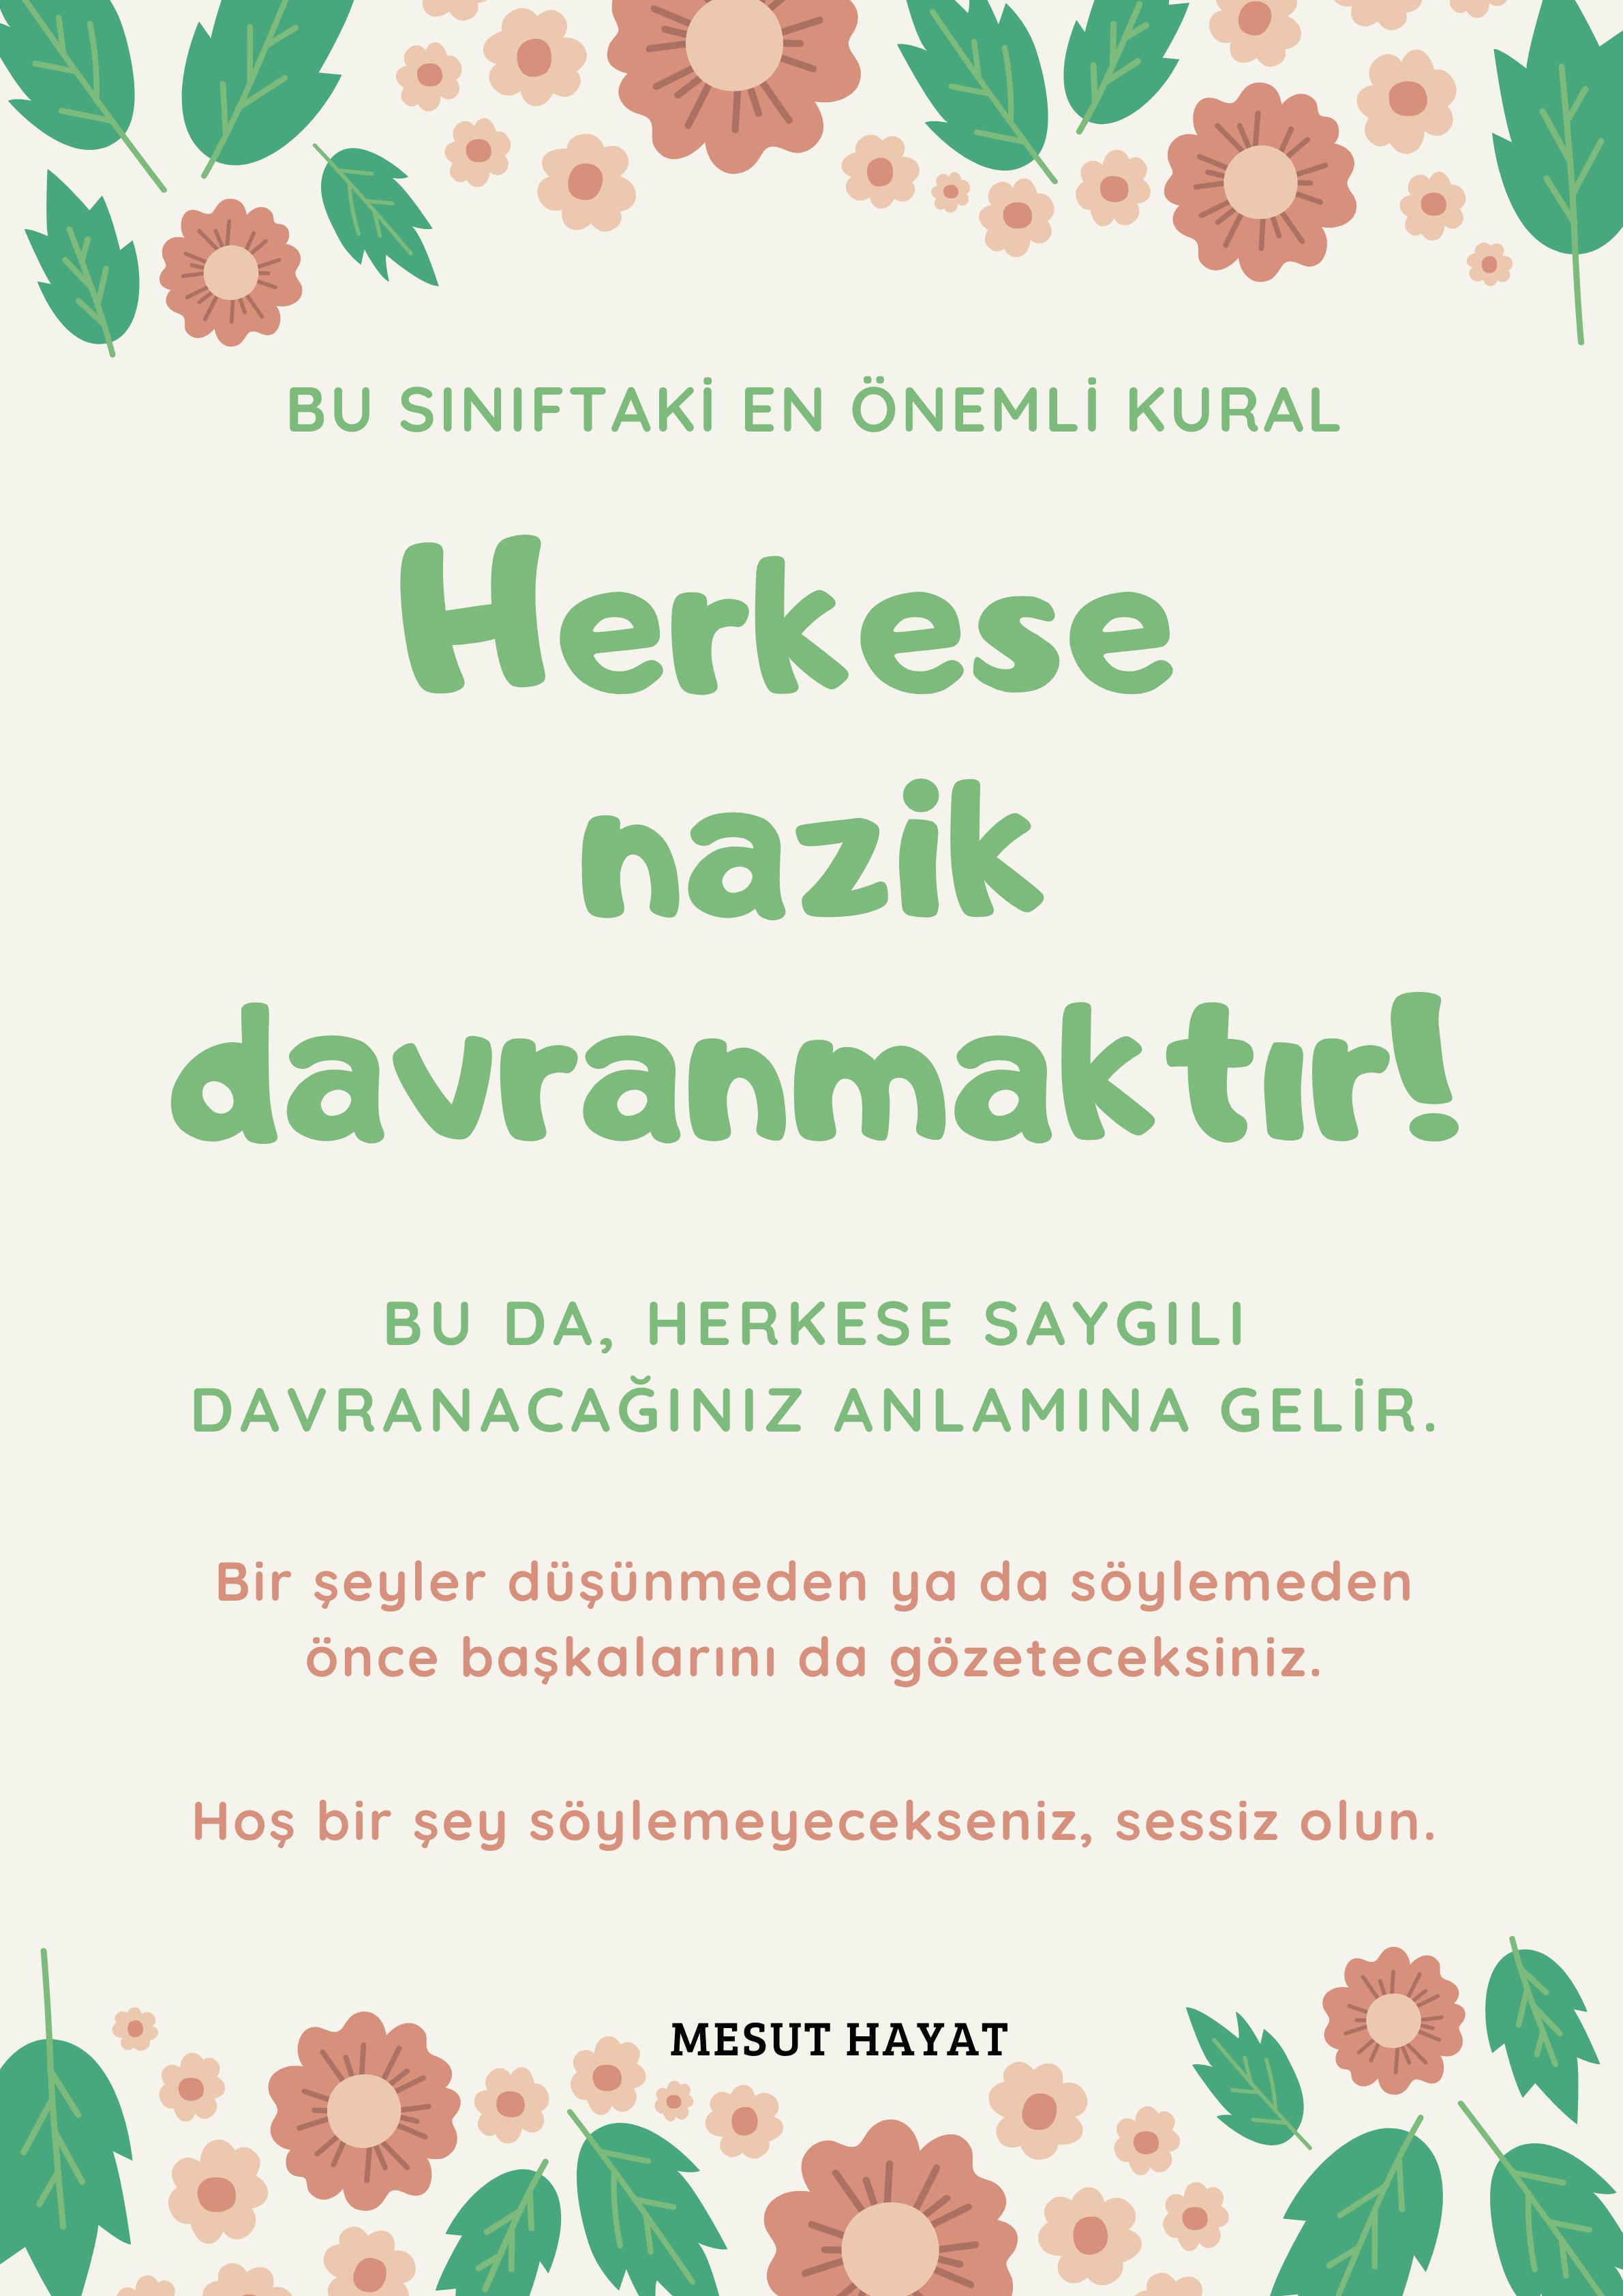 Şeftali Rengi ve Yeşil Çiçekli Sınıf Beklentisi Afiş.png